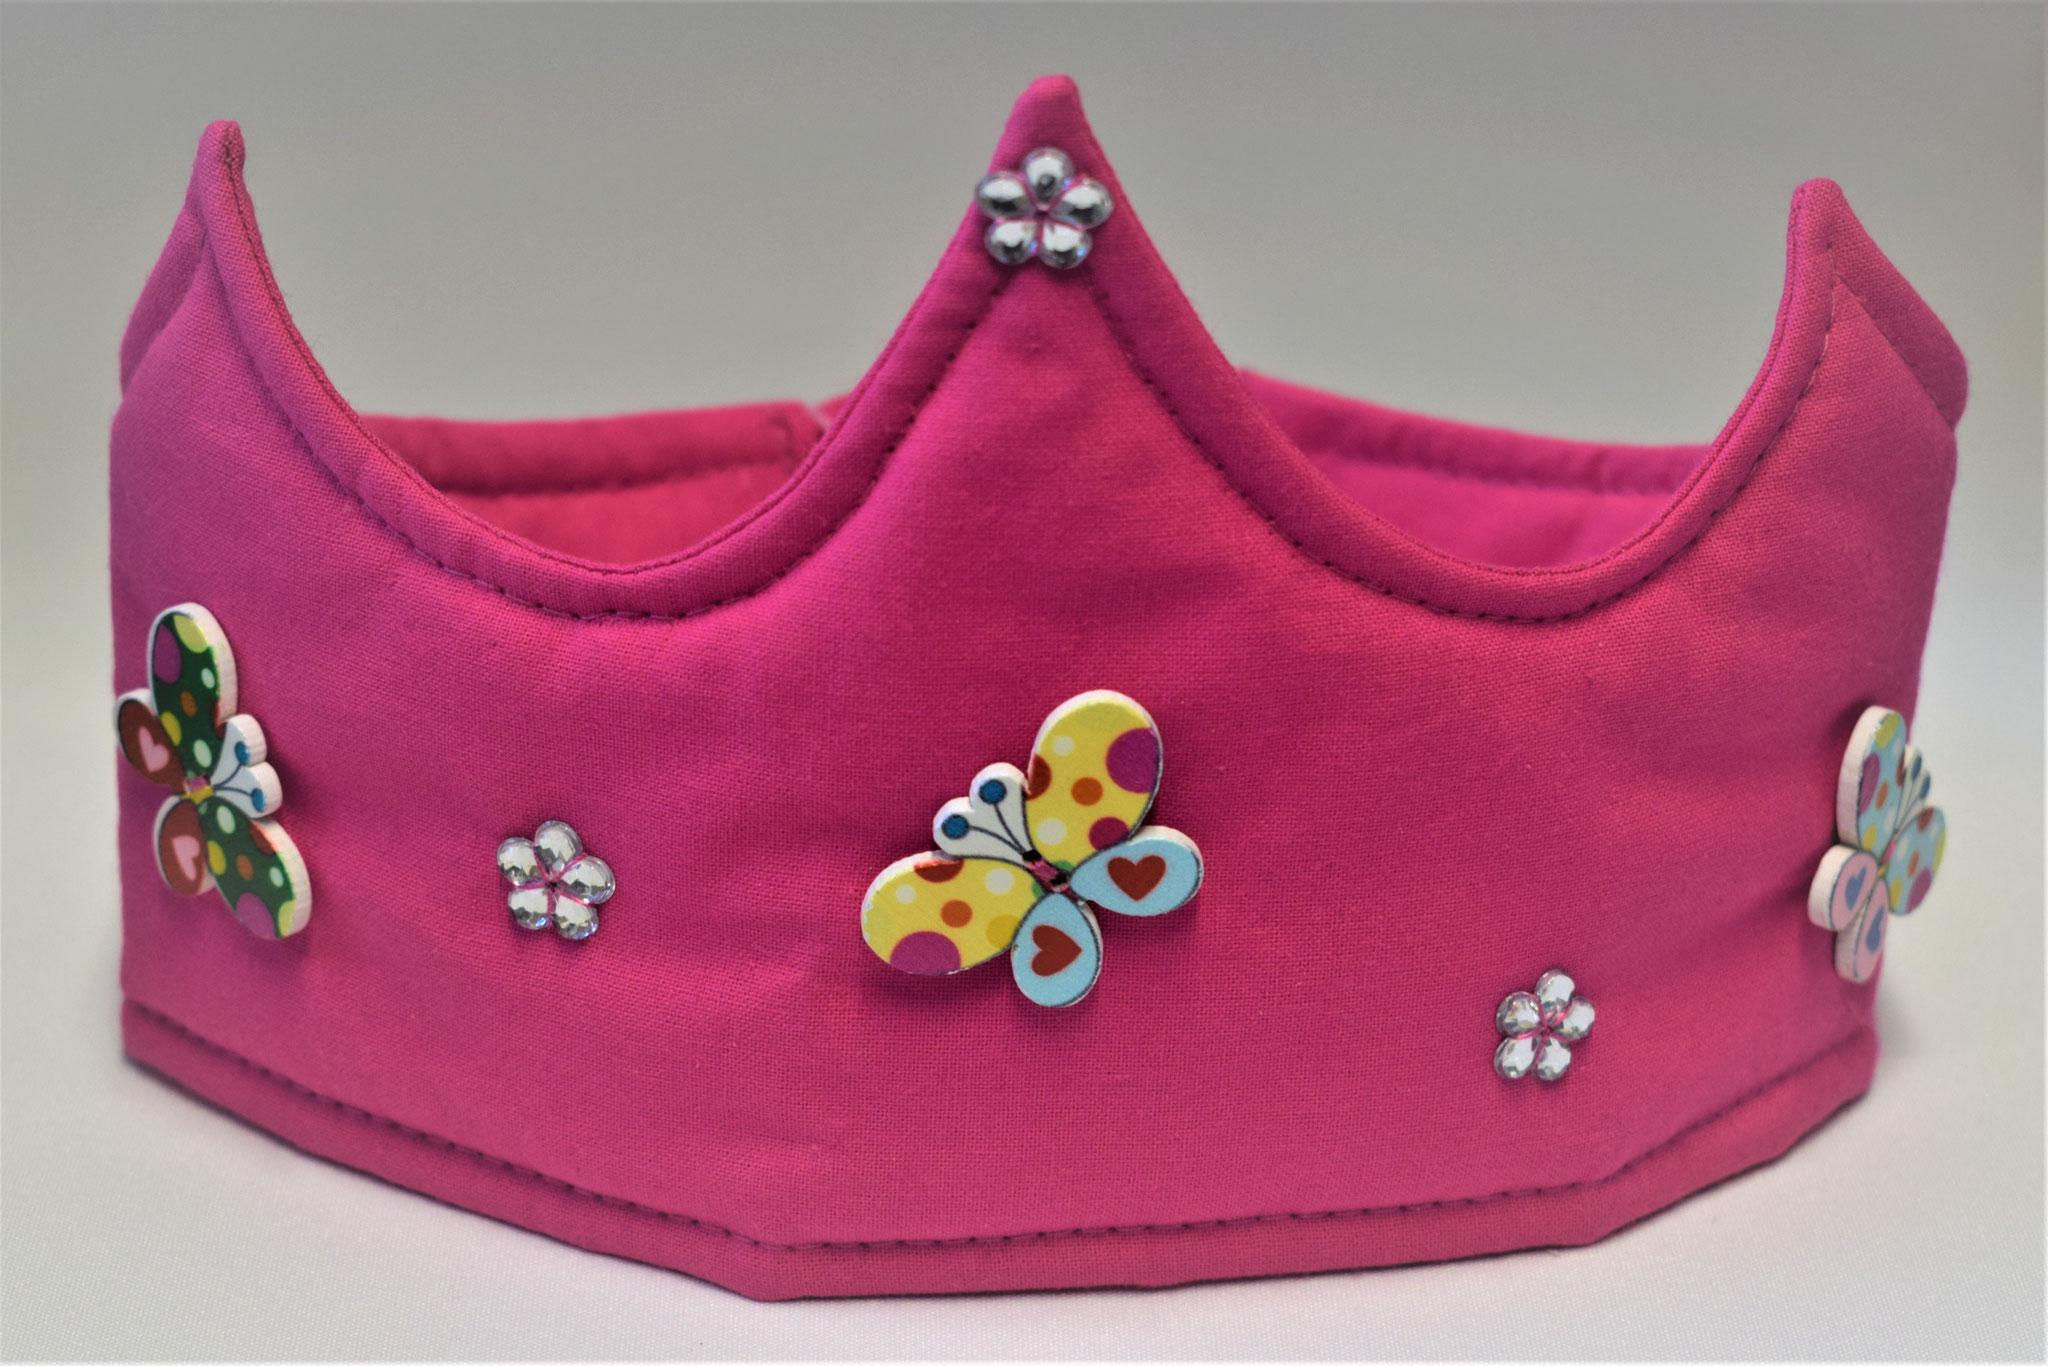 pink mit Schmetterlingen, 17,50€